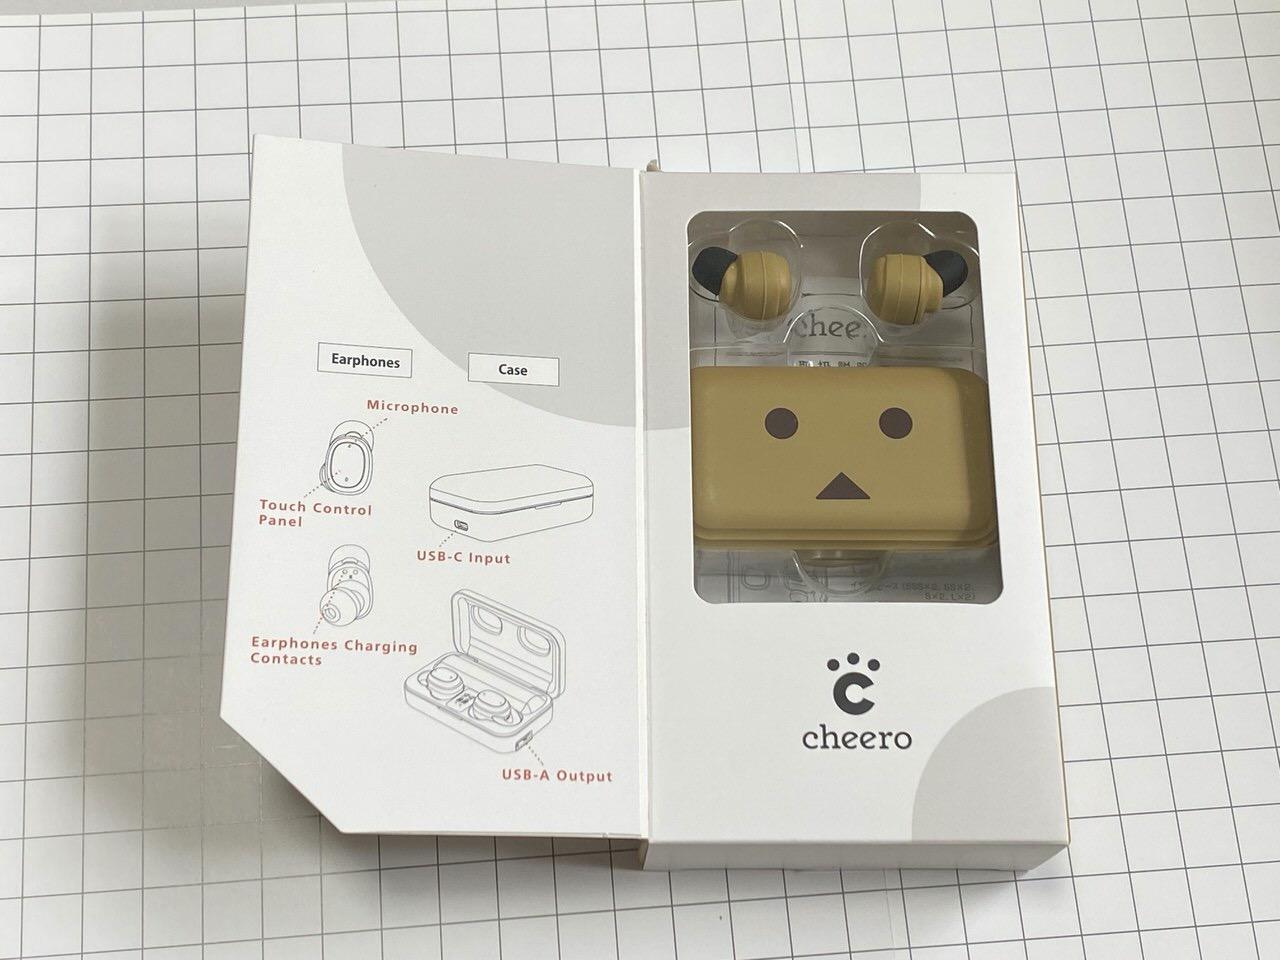 かわいいからダンボーってだけで買い!cheeroのワイヤレスイヤホンにダンボーバージョン登場→モバイルバッテリーにもなるケースはまさにミニダンボーバッテリー #提供